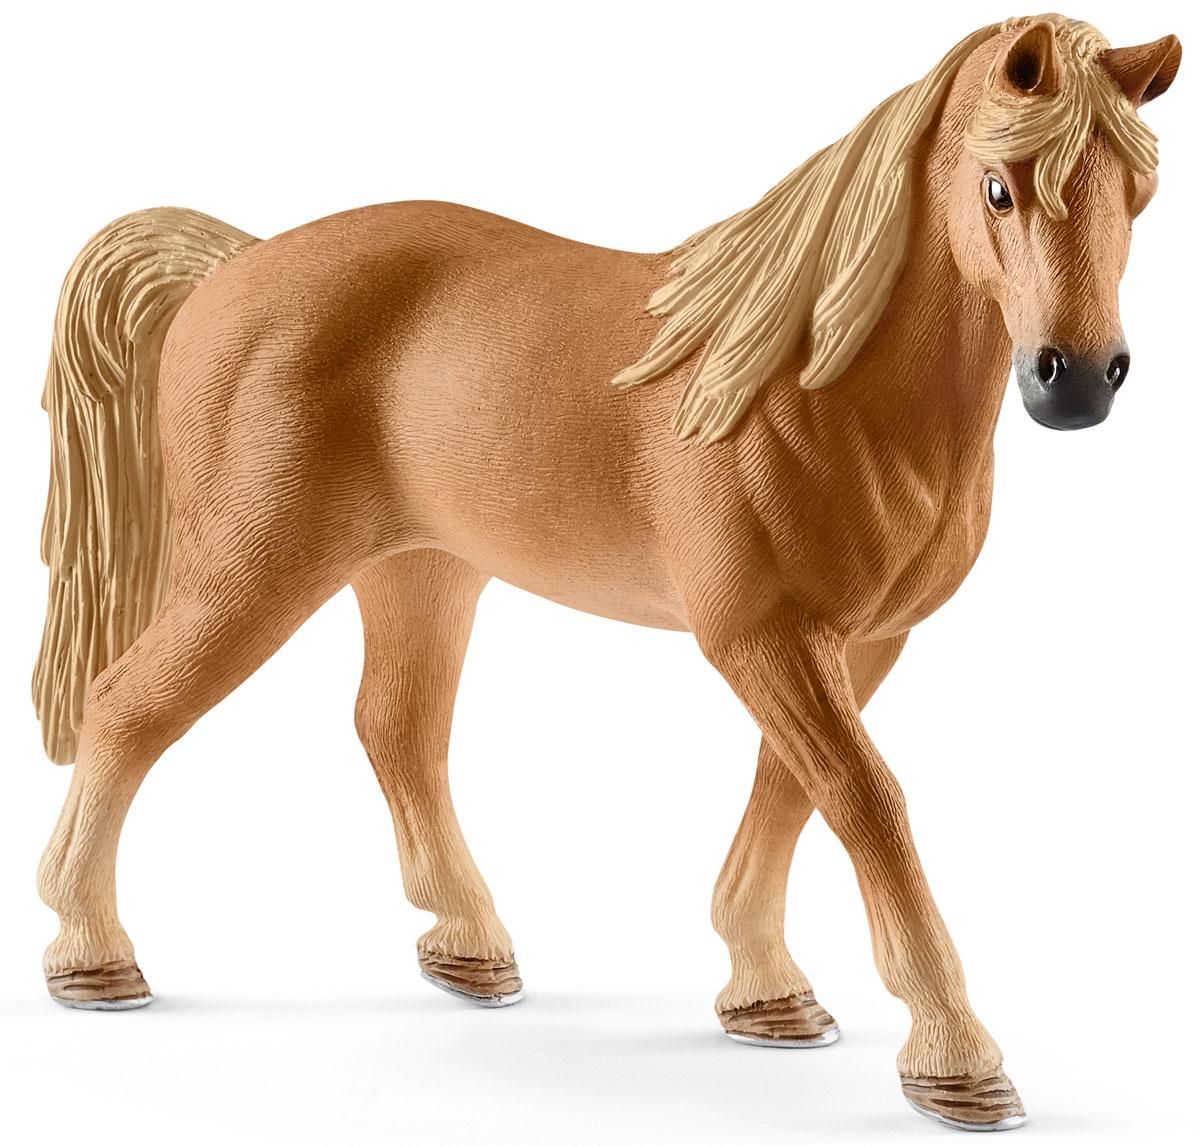 Schleich Фигурка Кобыла Теннесси уокер 13833 schleich тракененская лошадь кобыла schleich